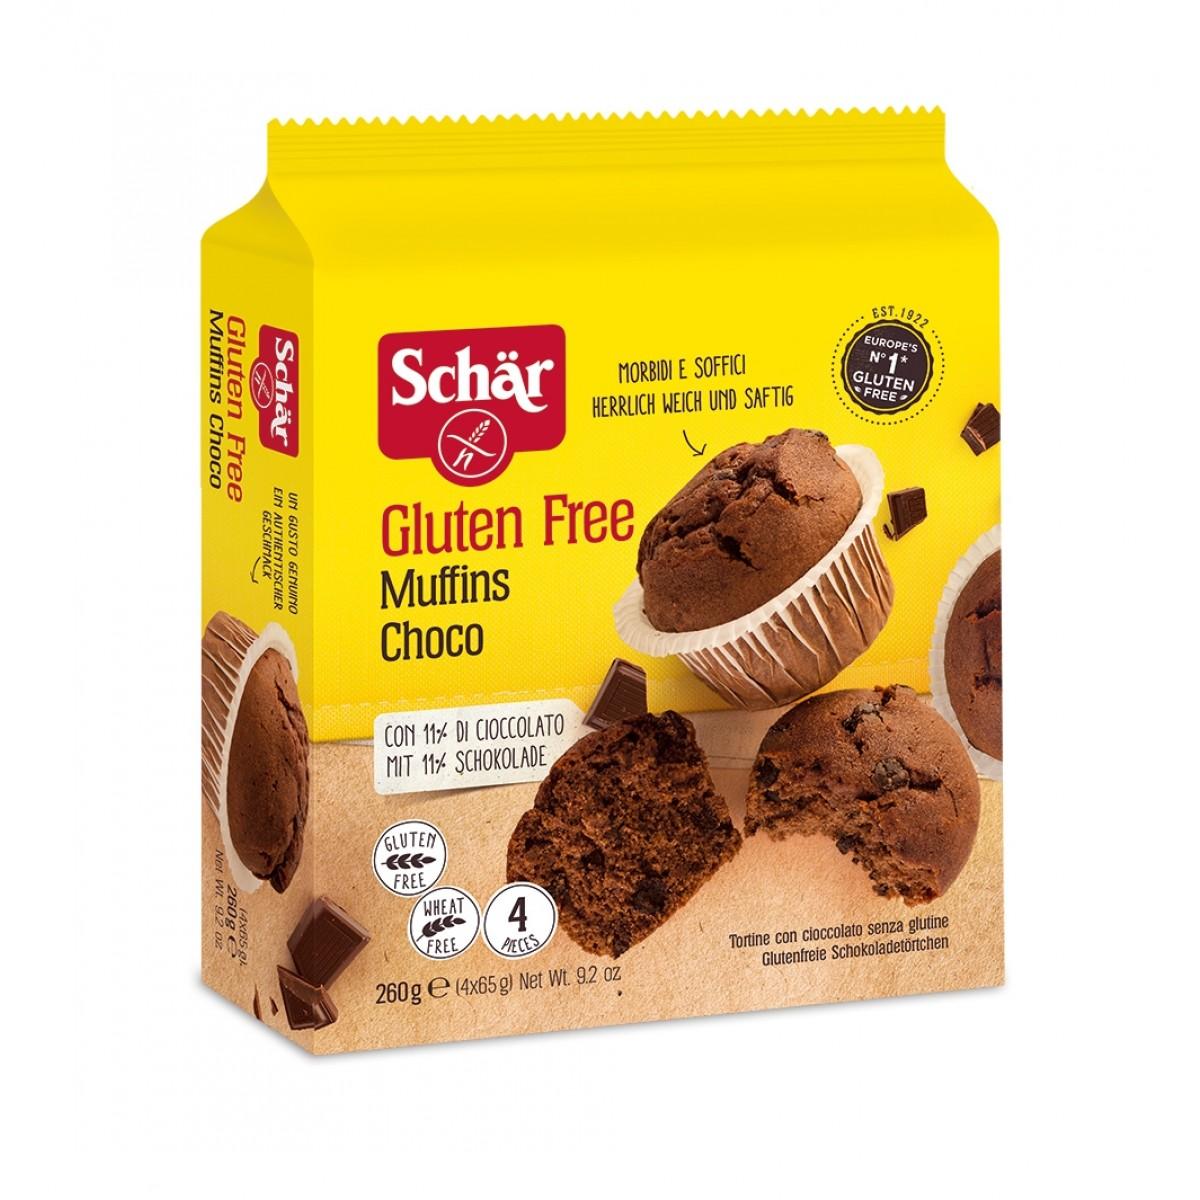 Muffins Choco (T.H.T. 26-09-19)